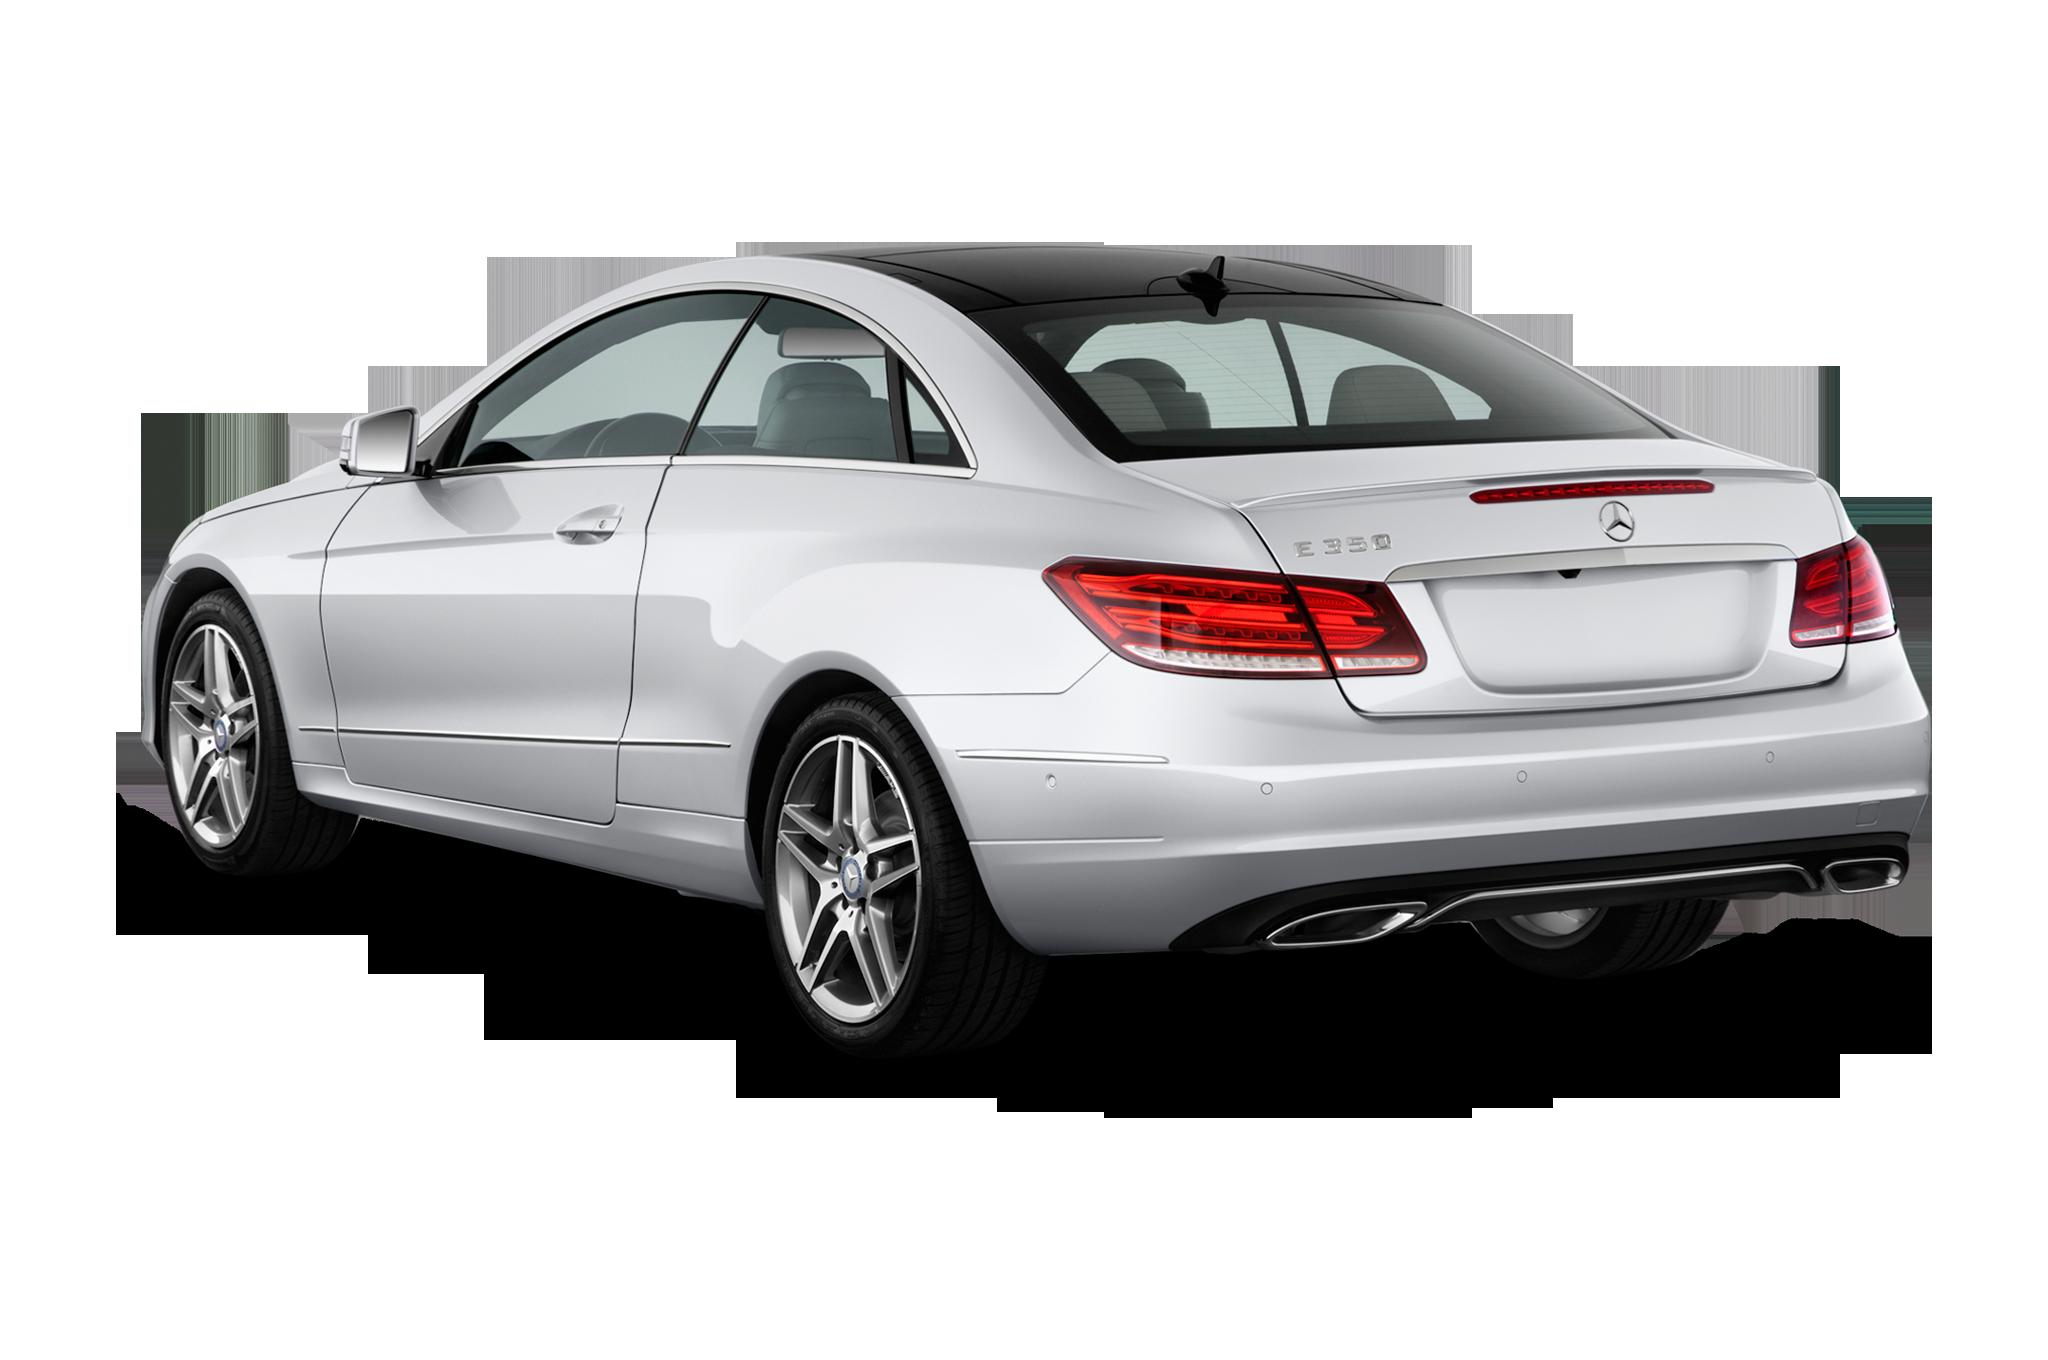 2015 mercedes benz e250 bluetec review for Mercedes benz ml350 bluetec review